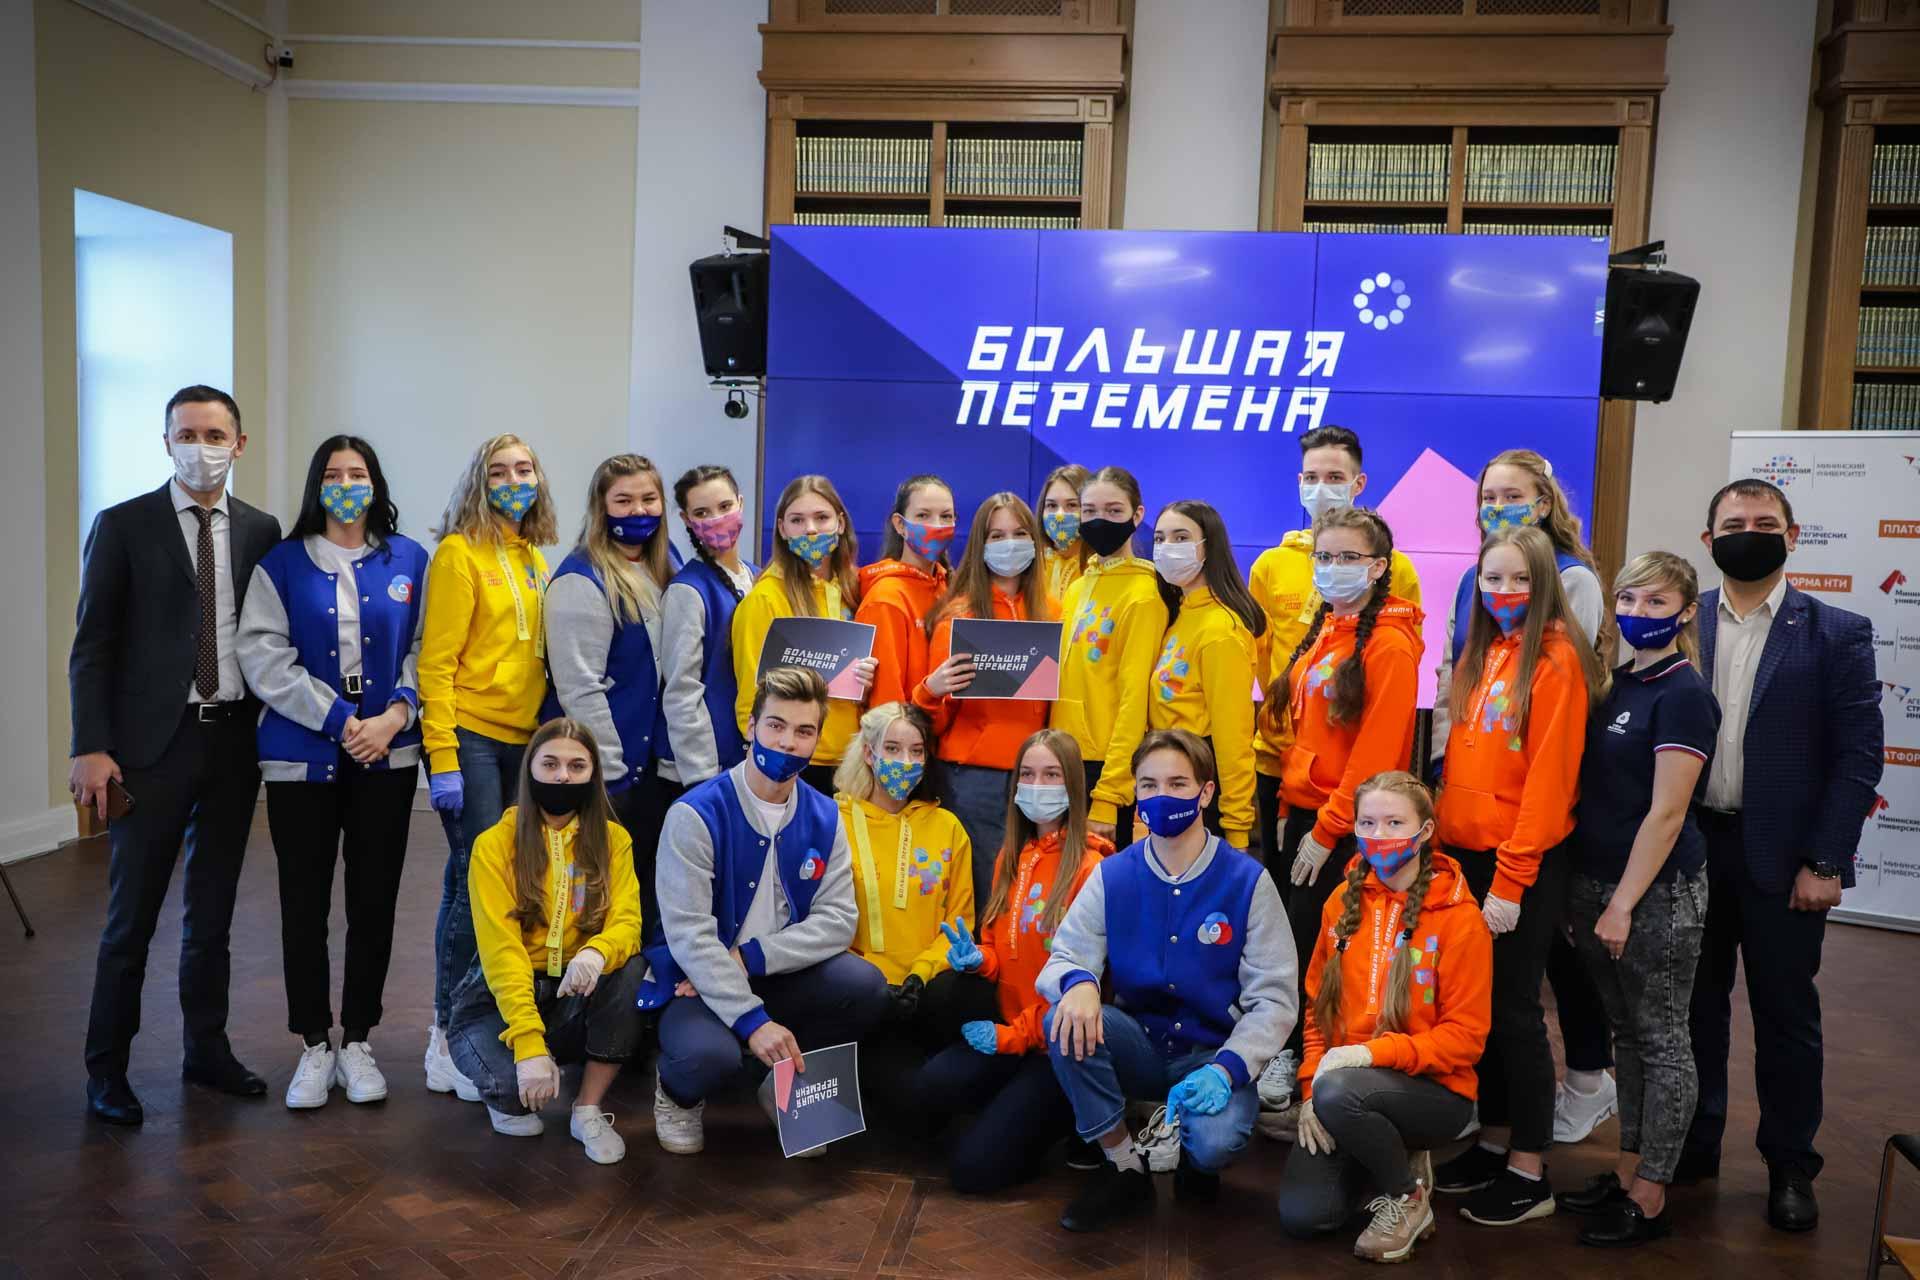 В Мининском университете прошла встреча с финалистами и  суперфиналистами конкурса «Большая перемена»